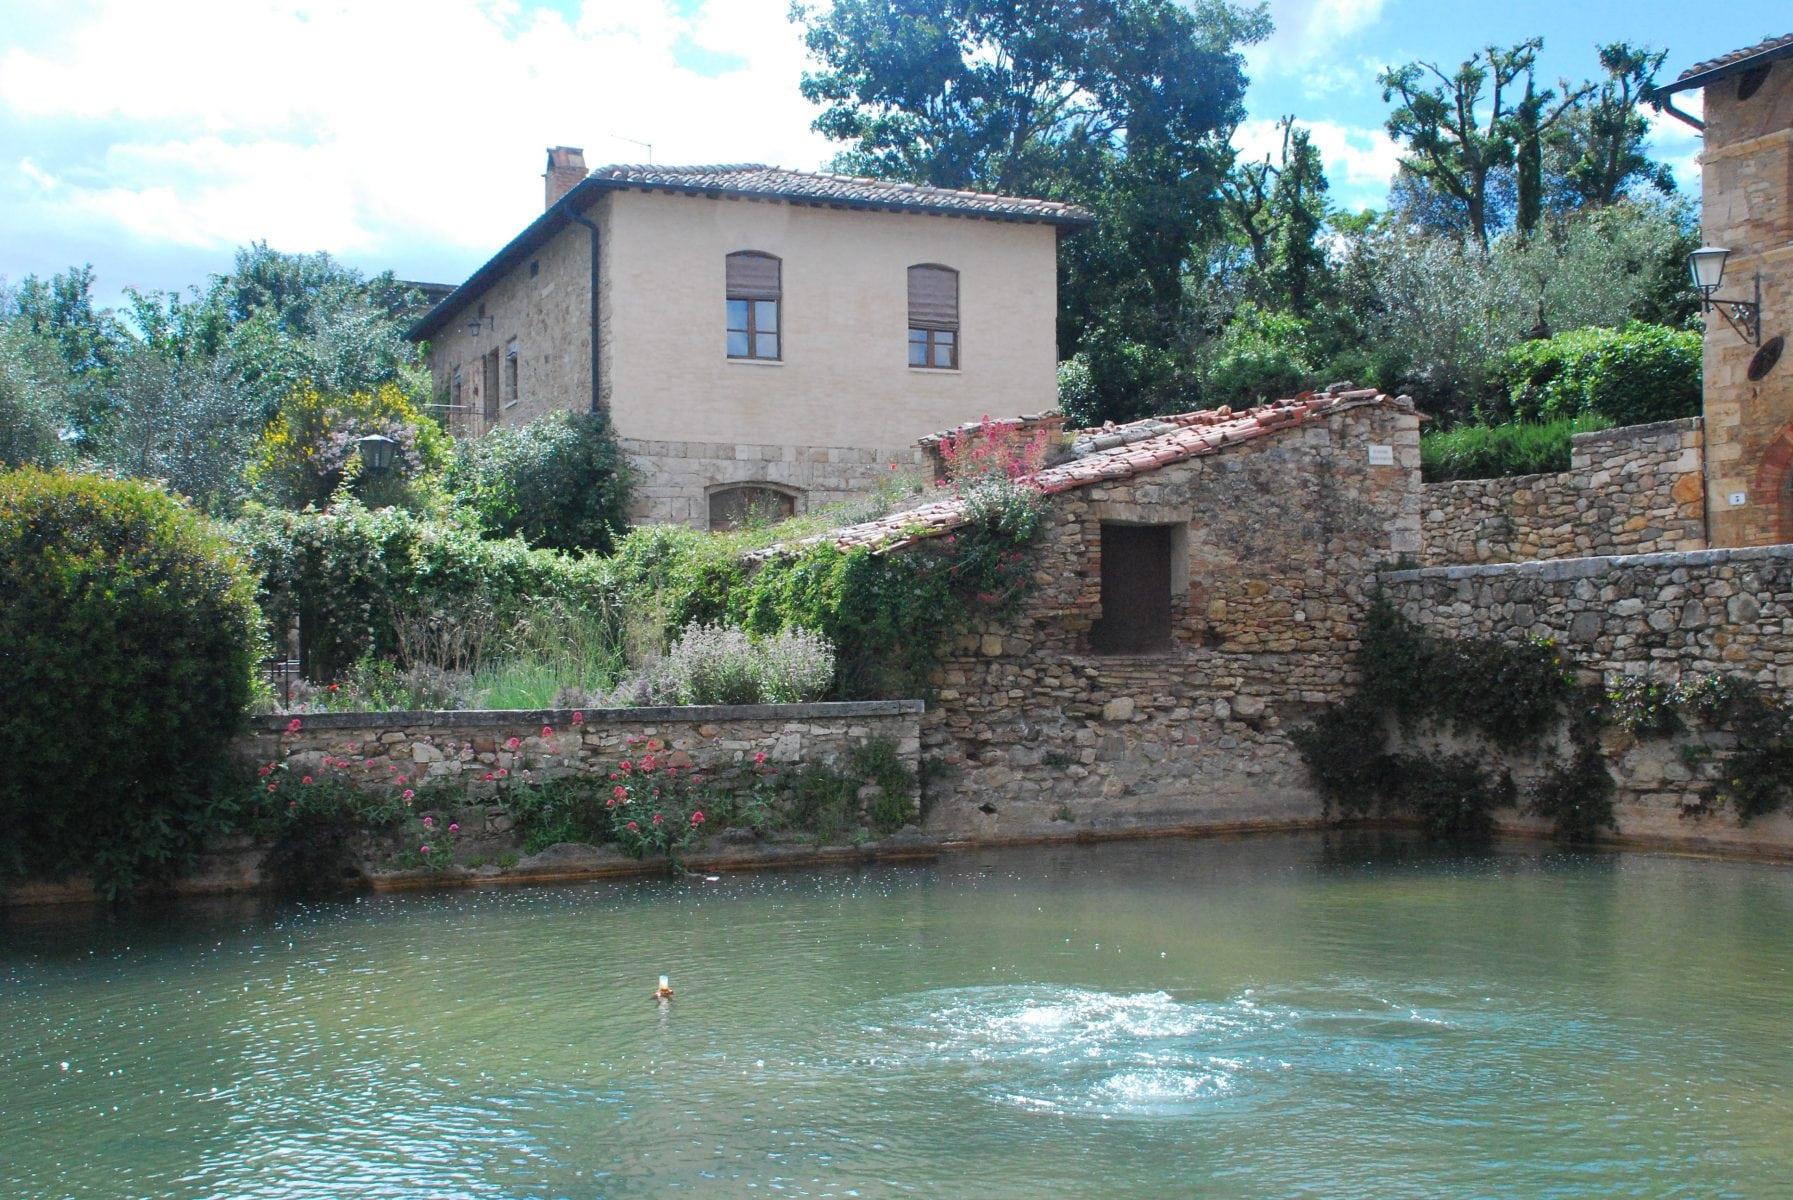 Pienza sant 39 antimo bagno vignoni val d 39 orcia one day itinerary - Osteria del leone bagno vignoni si ...